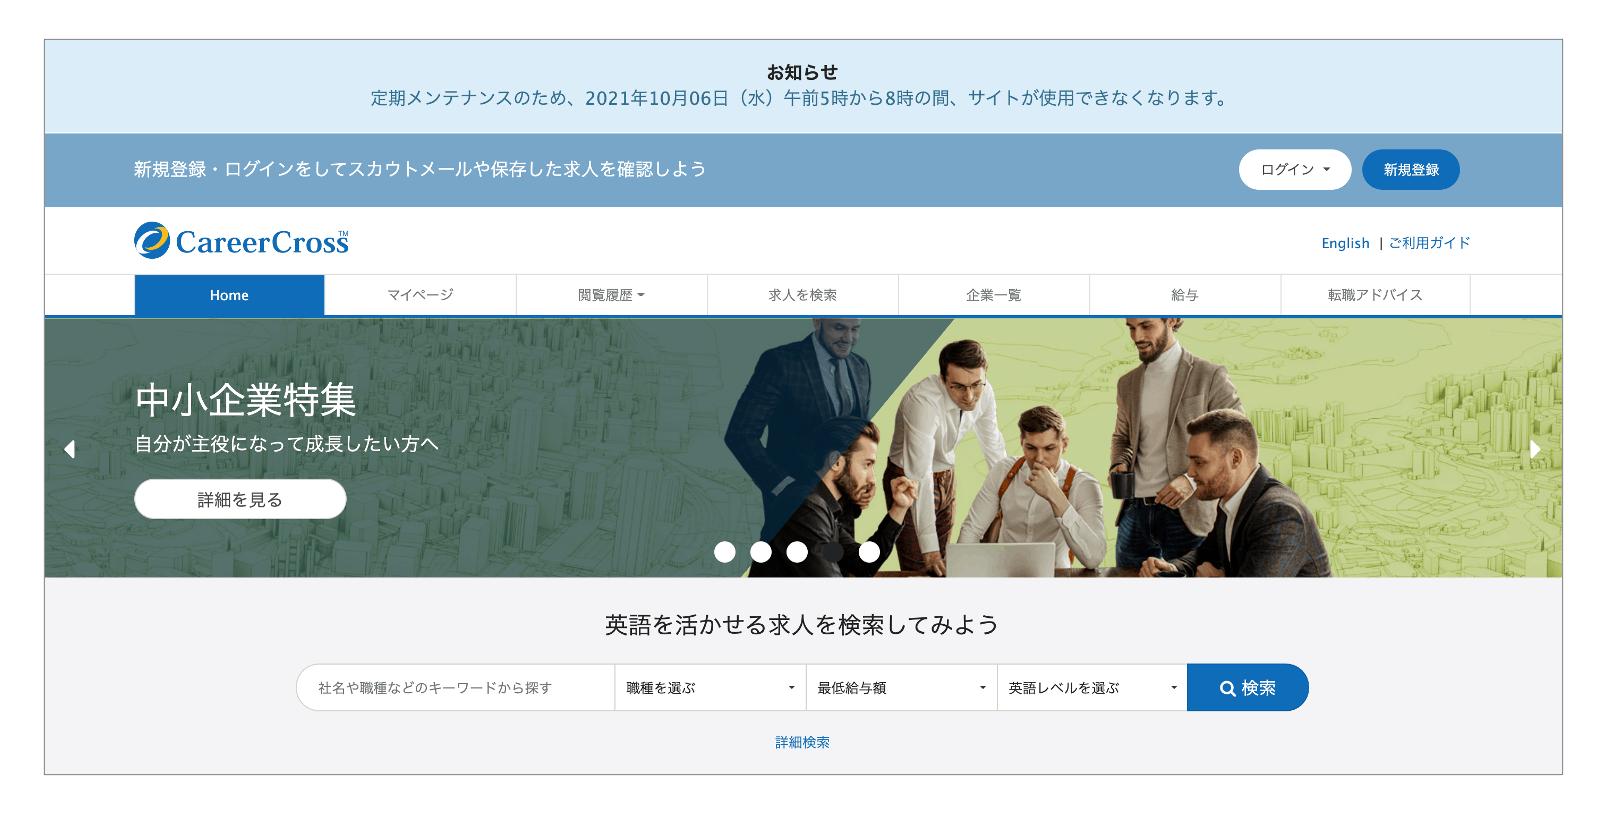 おすすめの転職サイト「キャリアクロス」